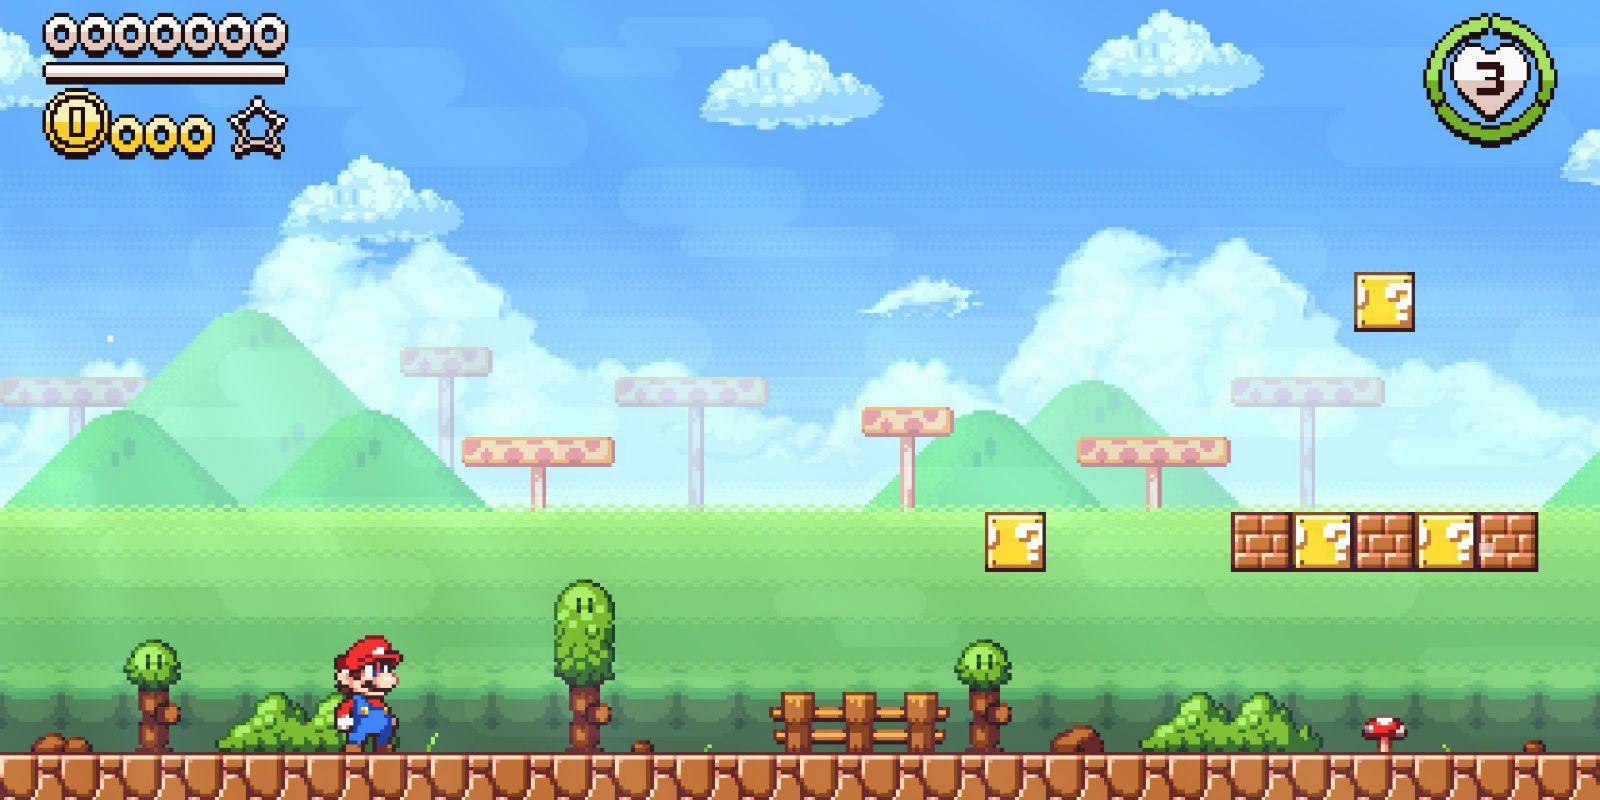 Super Mario Flashback Pixel Art Game Reimagines The Nintendo Classic